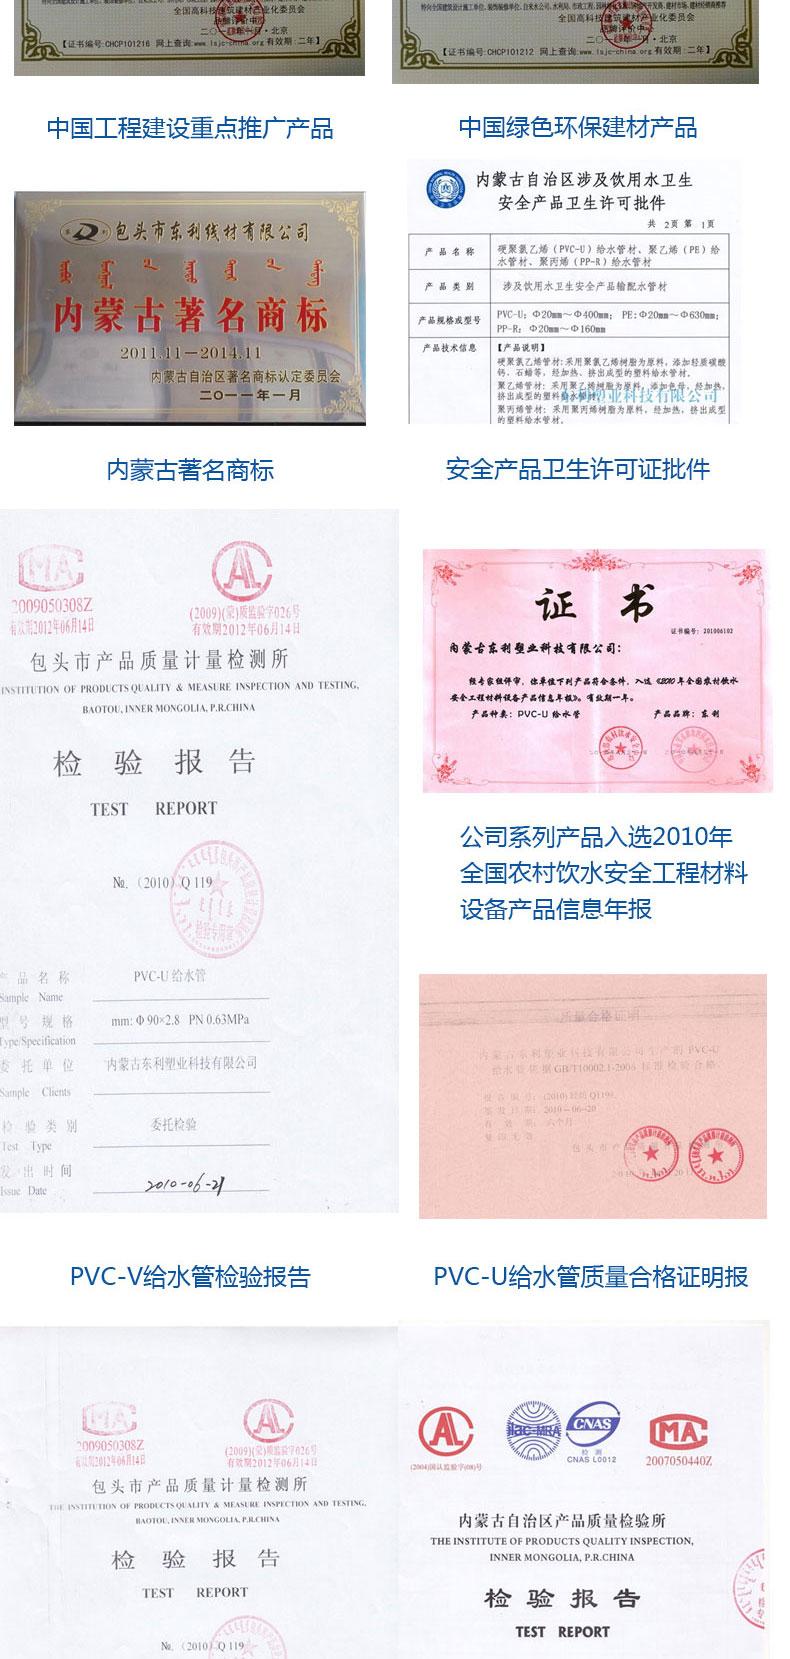 PVC-Uqy8千赢国际娱乐详情页_08.jpg